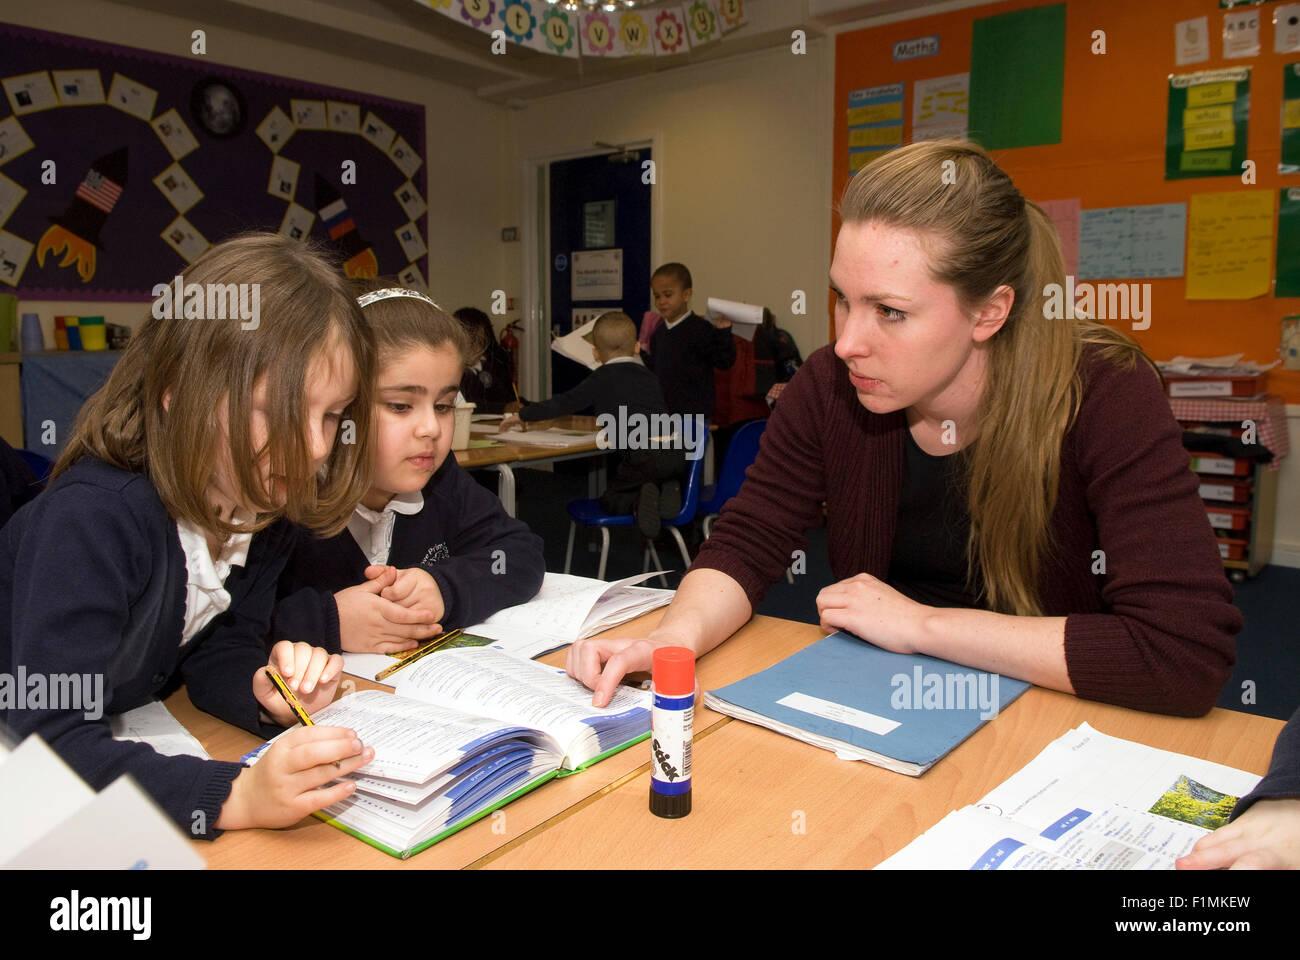 L'école primaire de l'élève aider l'enseignant en classe, Londres, Royaume-Uni. Photo Stock